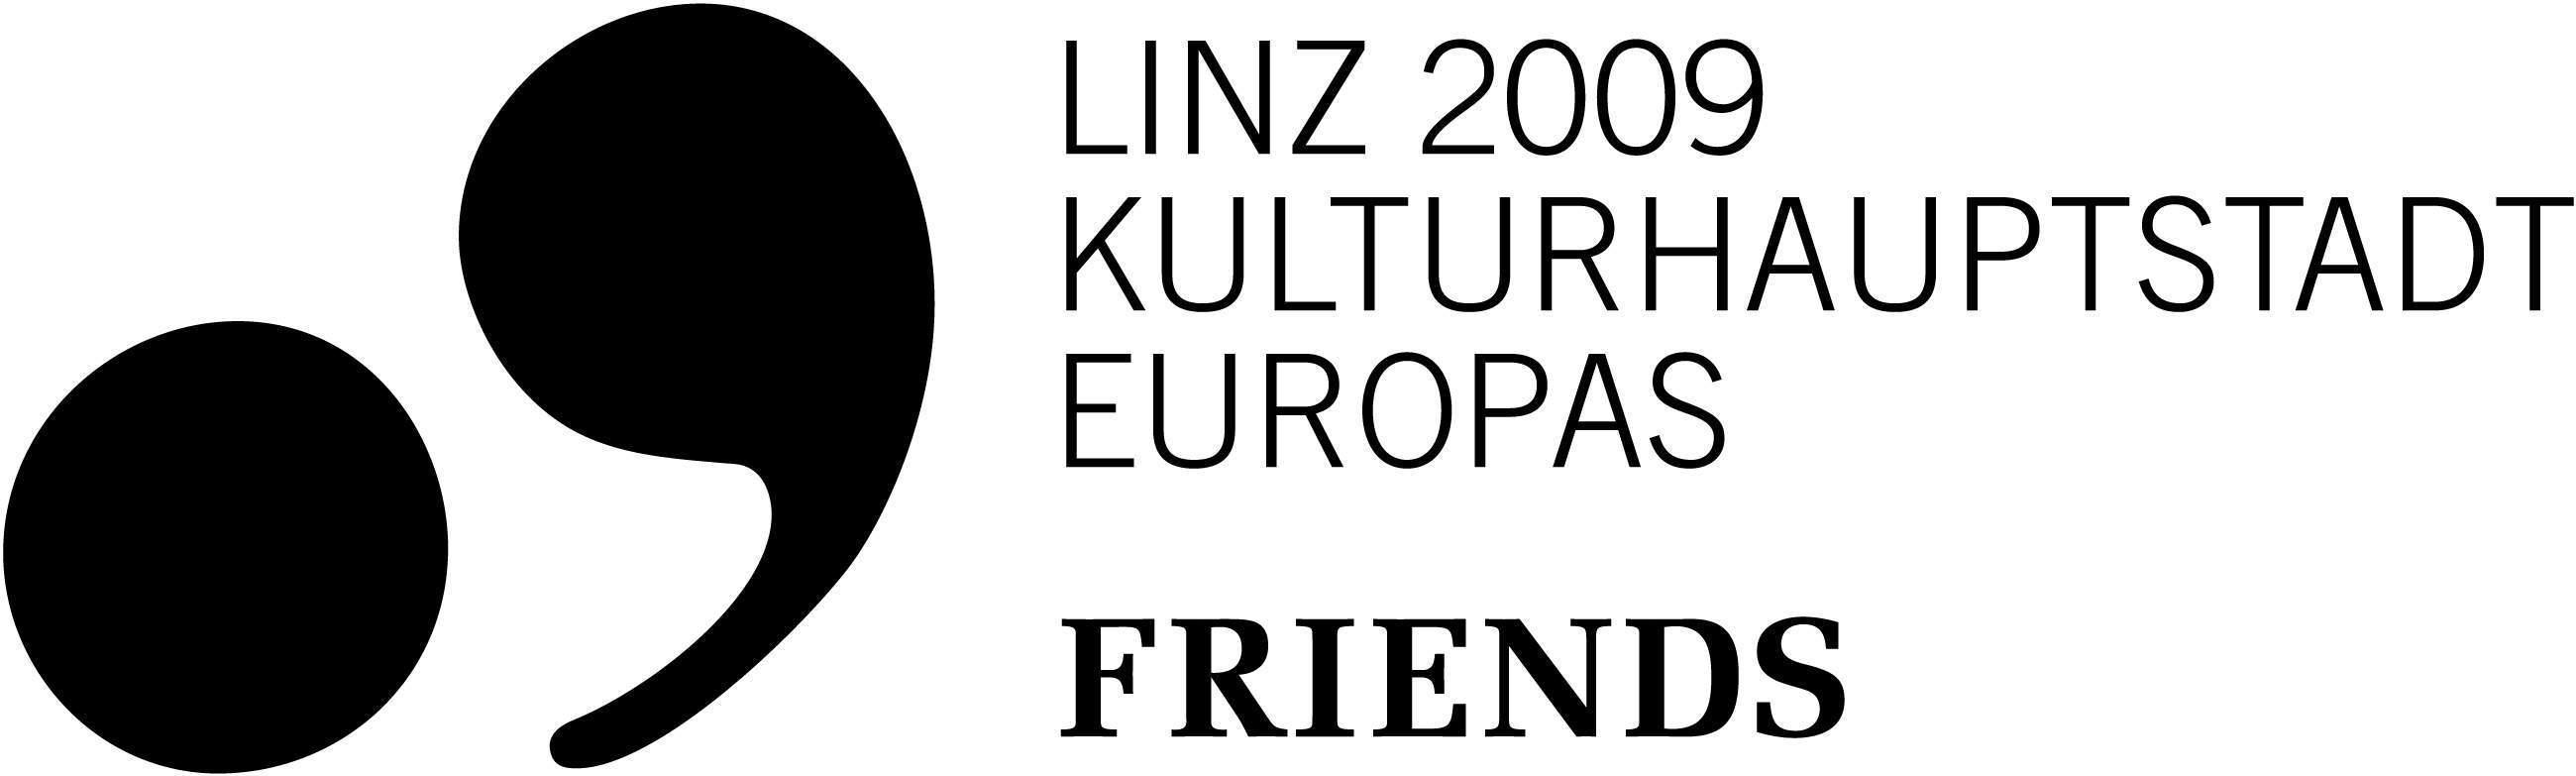 LINZ09_008-07_logo_FRIENDS